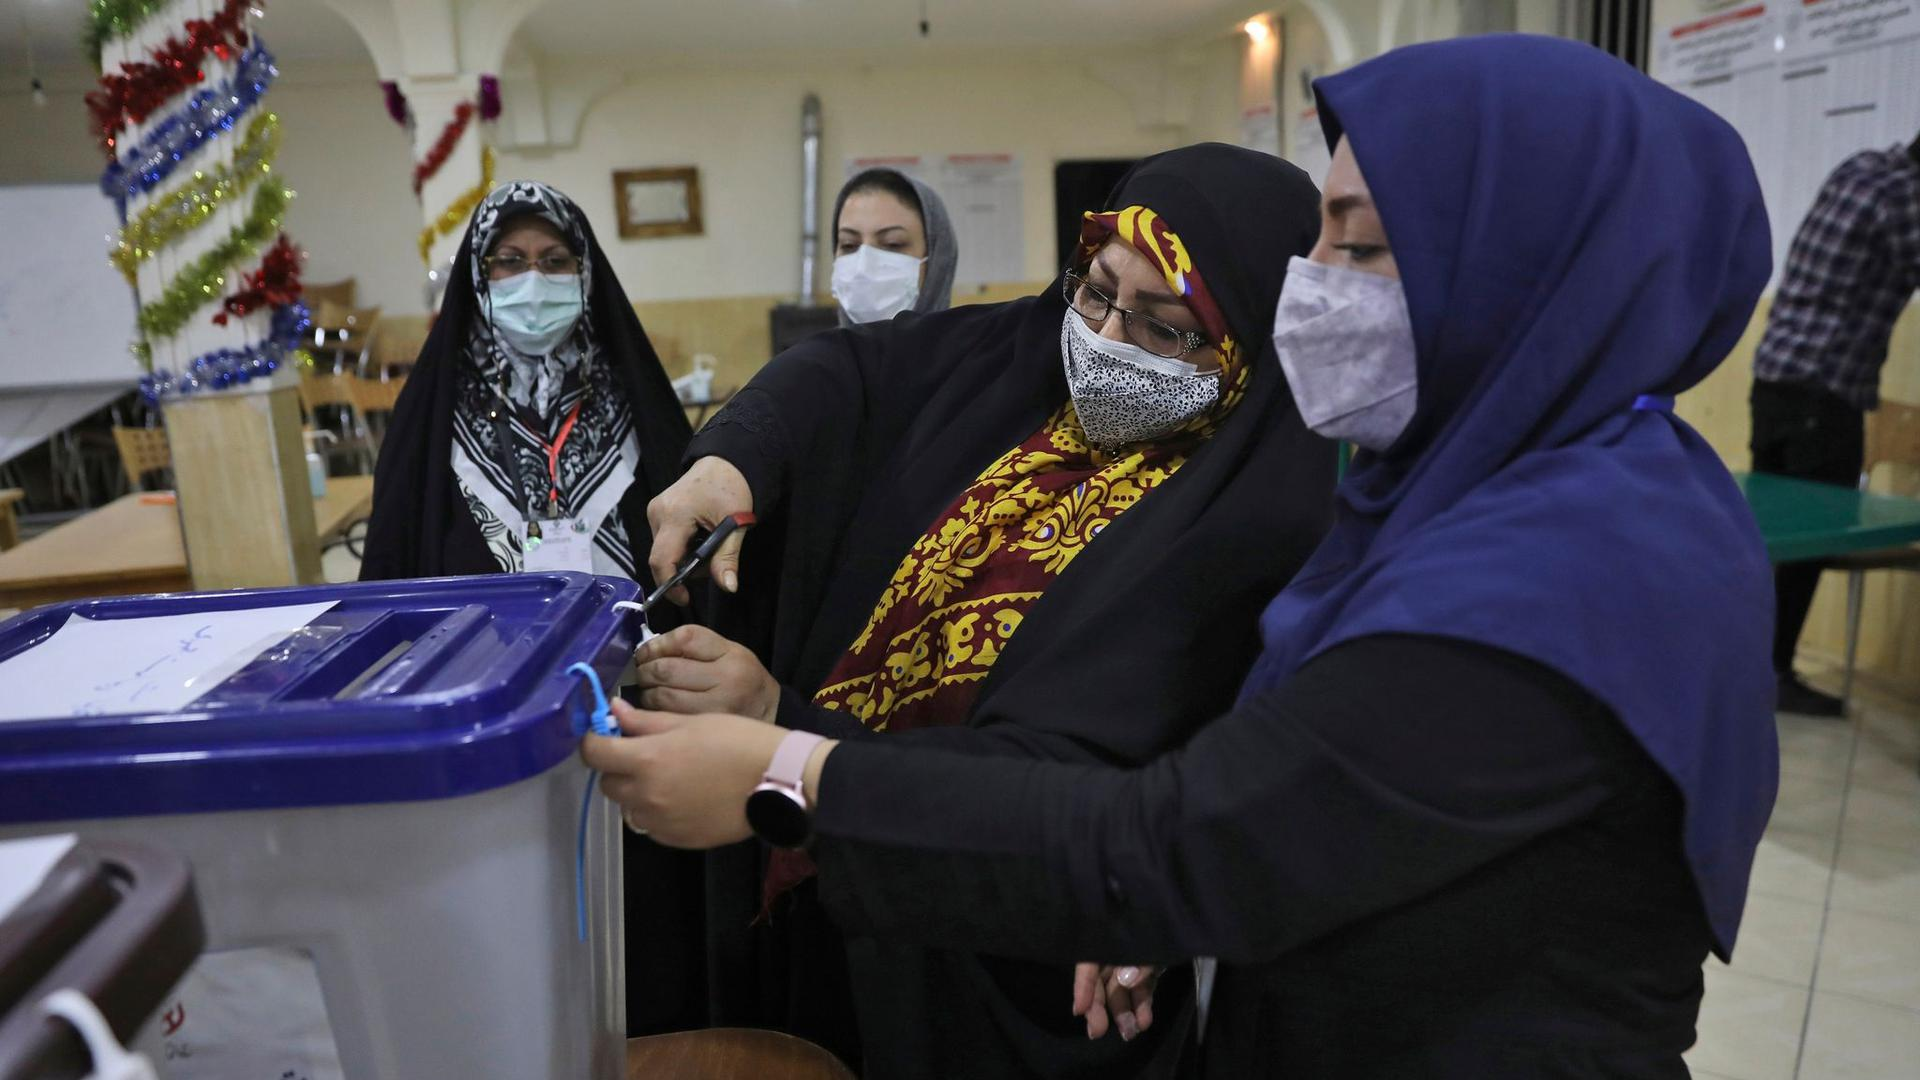 Wahlhelferinnen öffnen eine Urne in einem Wahllokal in Teheran.